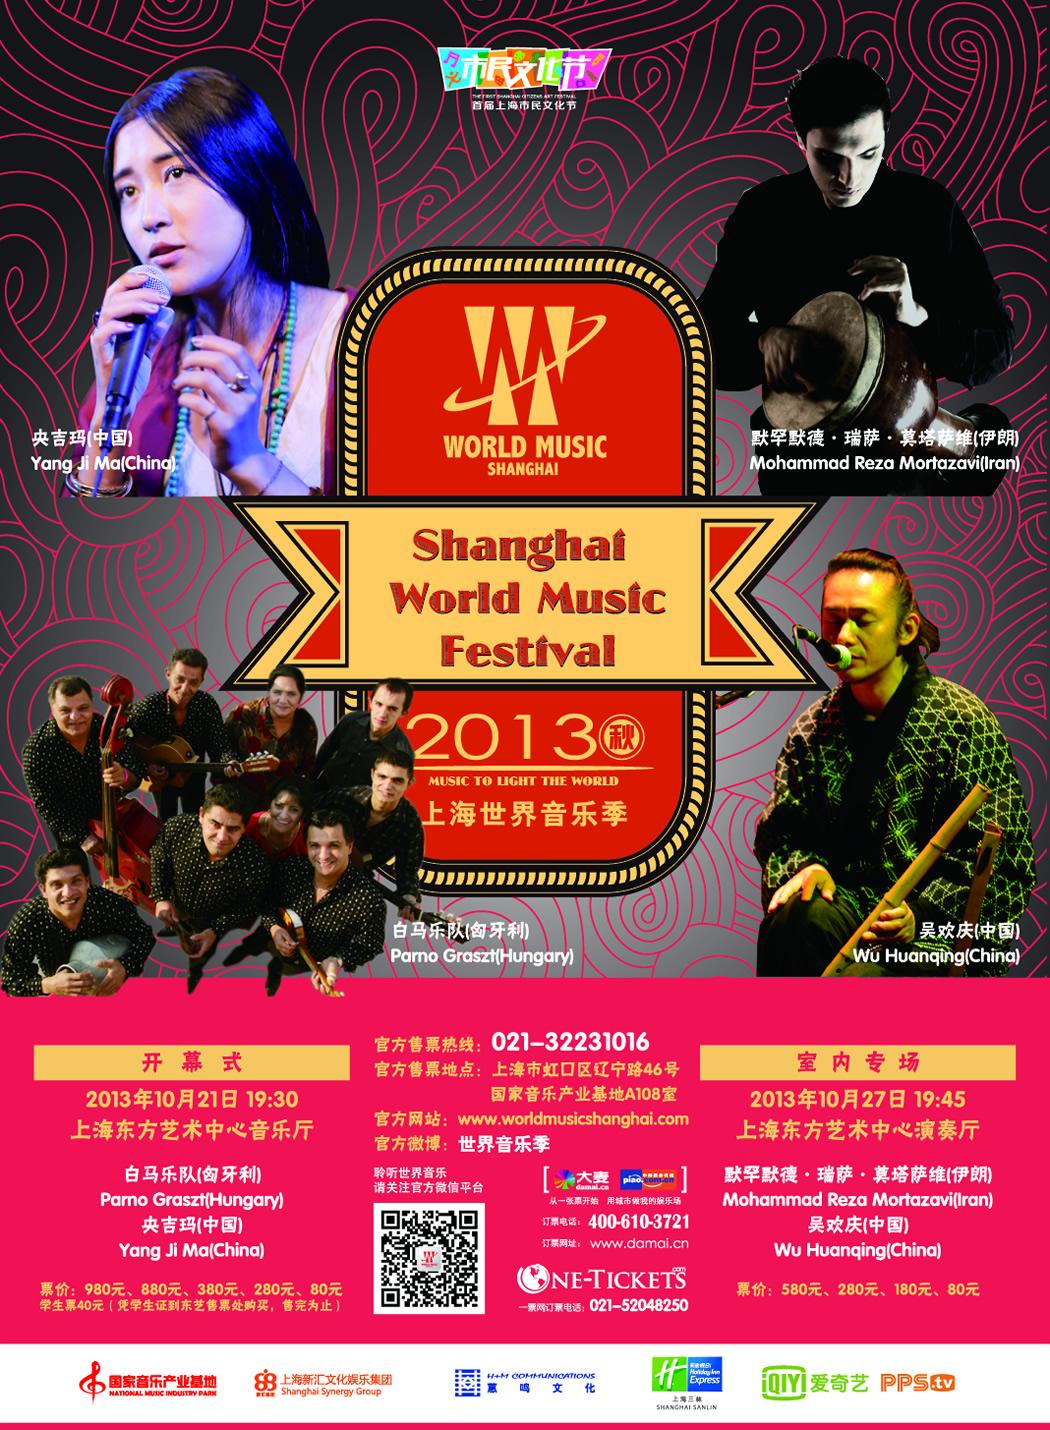 拥有音乐世博会之称的上海世界音乐季,2013年以聆听世界为主题,继春季的狂欢之后,将于10月21日在东方艺术中心迎来秋季开幕式。上海世界音乐季是中国最大型的、以展现世界各民族传统文化生态的盛大音乐节。顶尖级世界音乐艺术家和团队齐聚东艺,为2013秋季开幕式华丽开唱。今年的聆听世界主题以人声之美作为最大亮点,让沪上观众亲身体验古人所云丝不如竹,竹不如肉的境界。